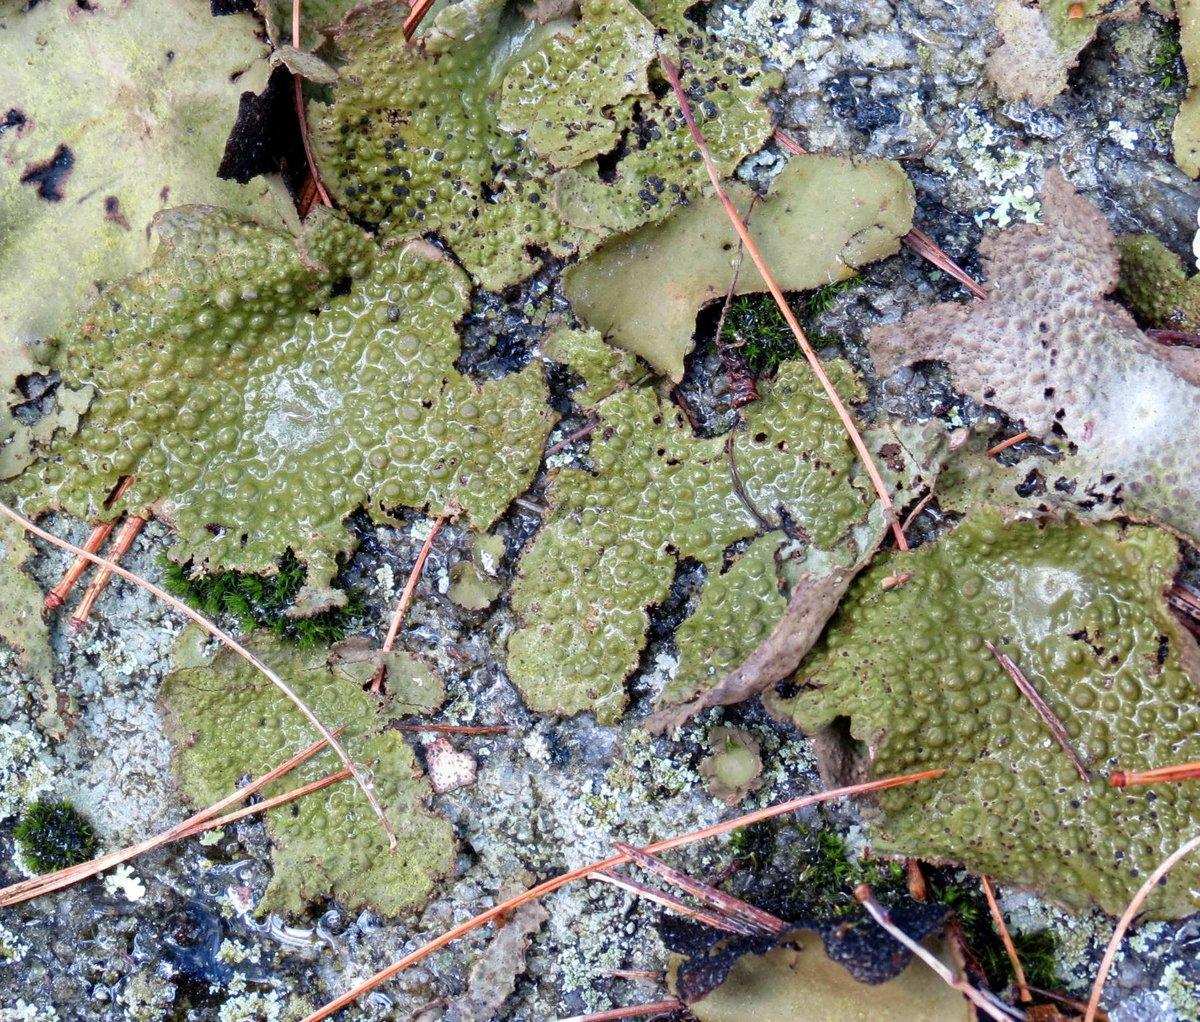 11. Common Toadskin Lichen aka Lasillia papulosa